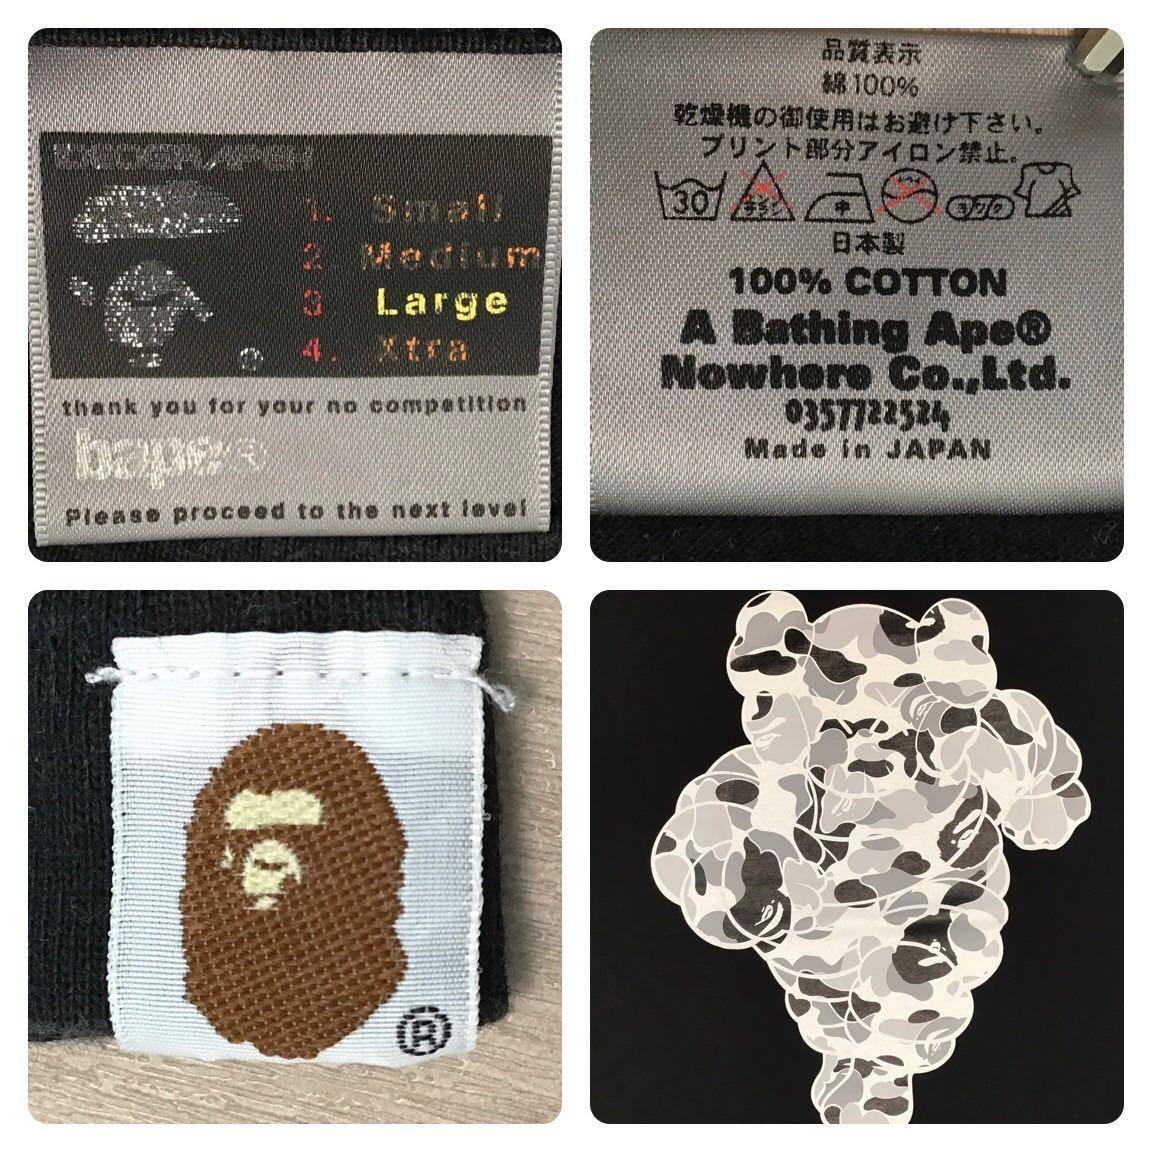 ★激レア★ kaws × bape chum Tシャツ Lサイズ a bathing ape ミシュランマン Michelin カウズ エイプ ベイプ nigo BAPE camo 迷彩 bh62